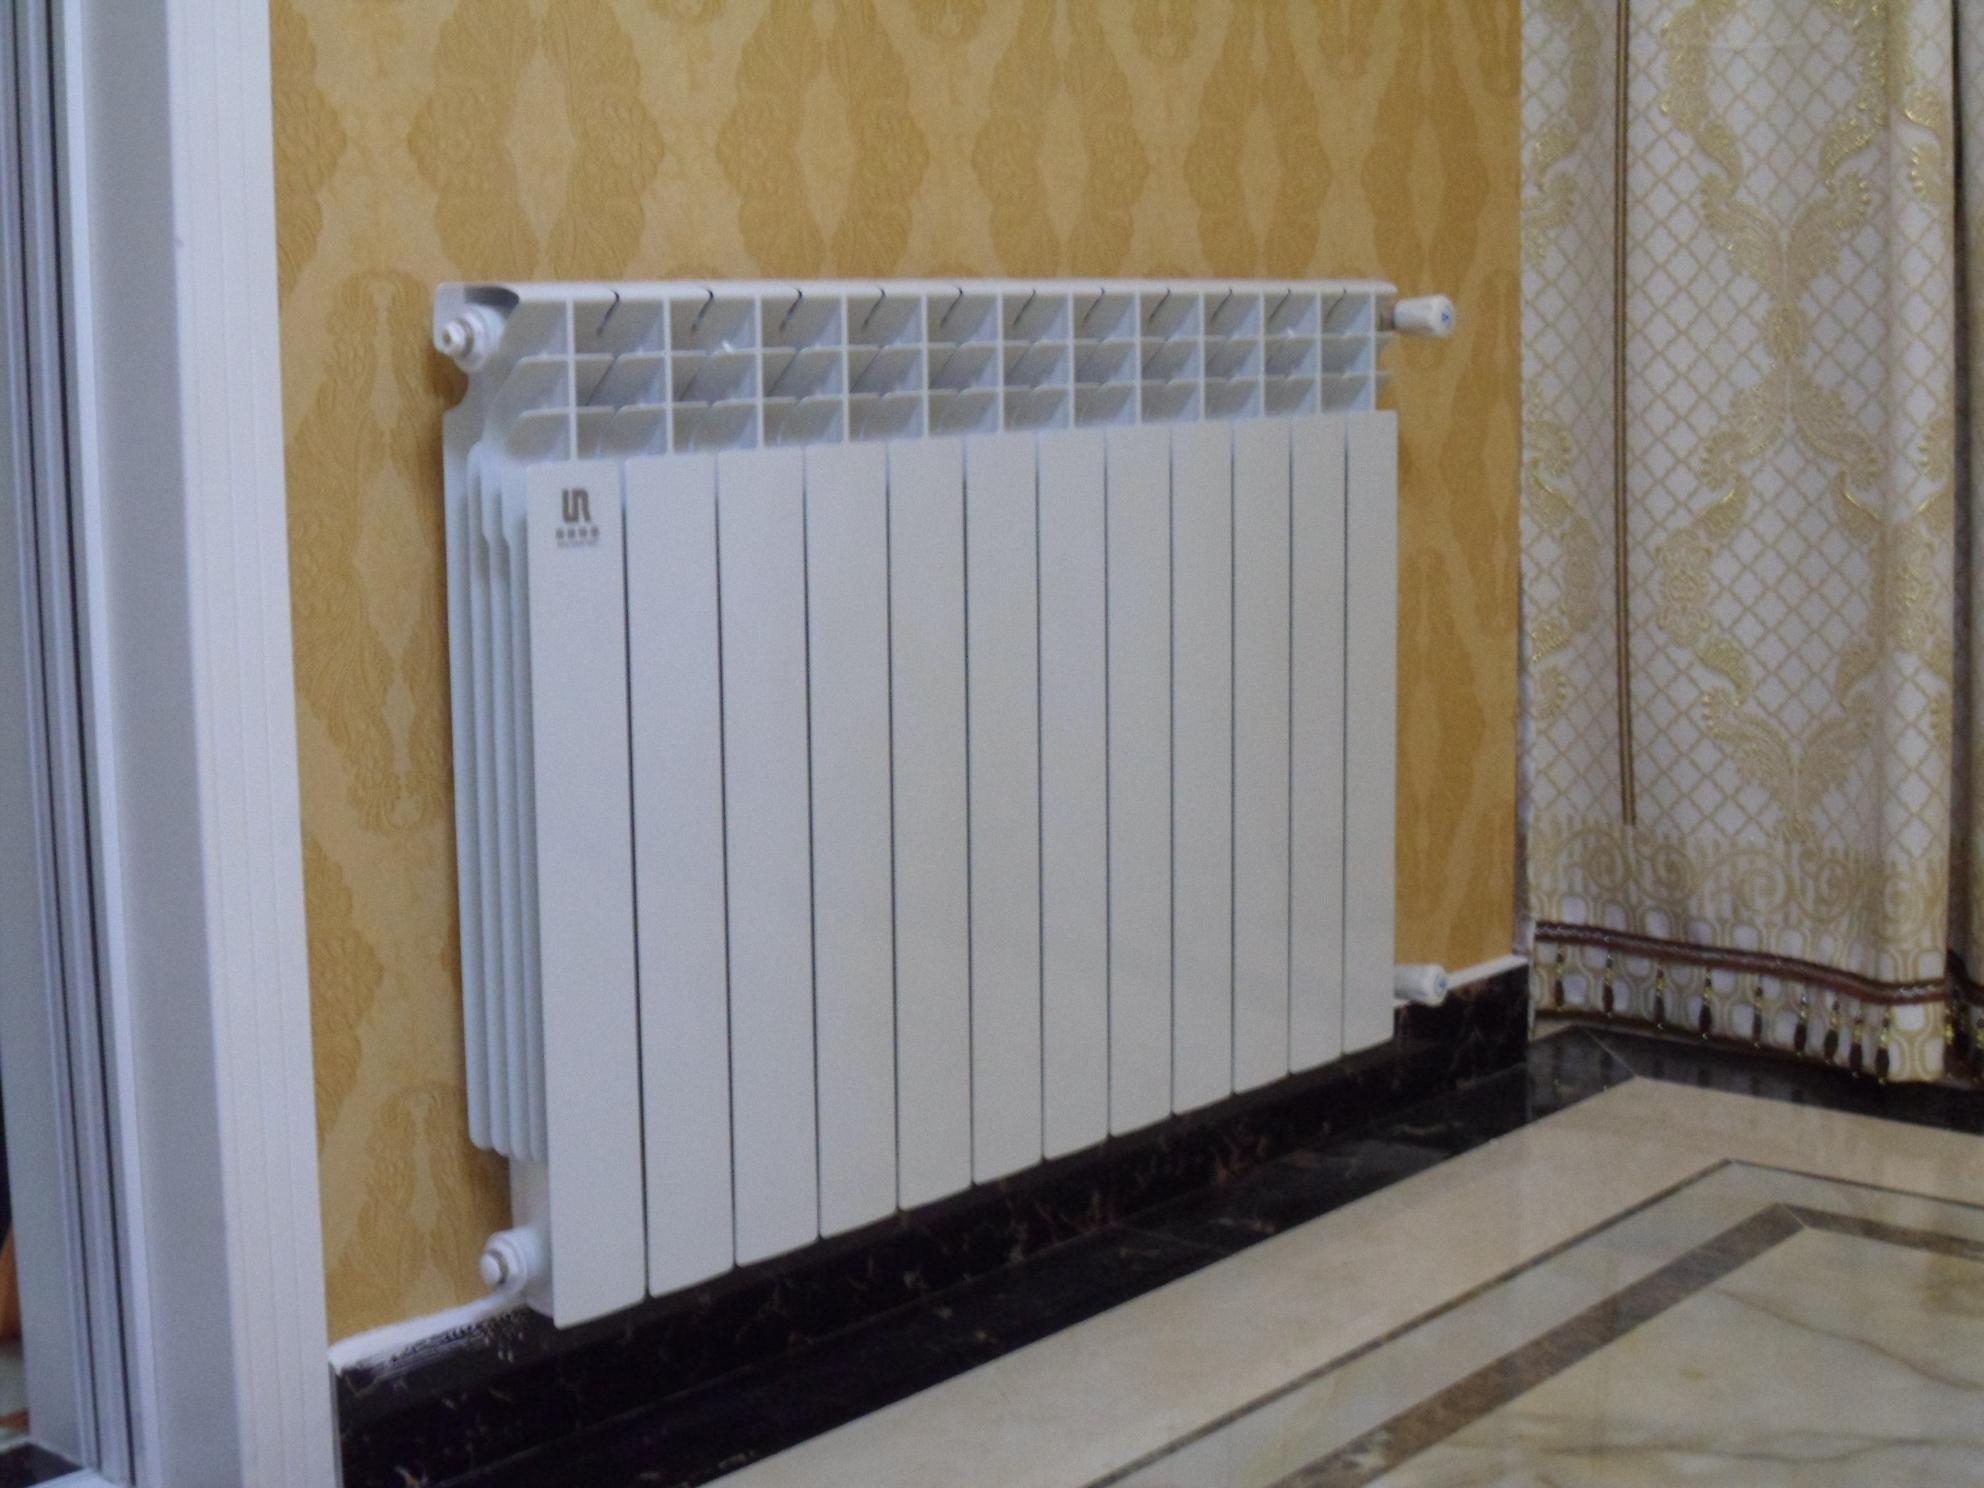 卫生间挂式暖气片—卫生间挂式暖气片安装注意事项